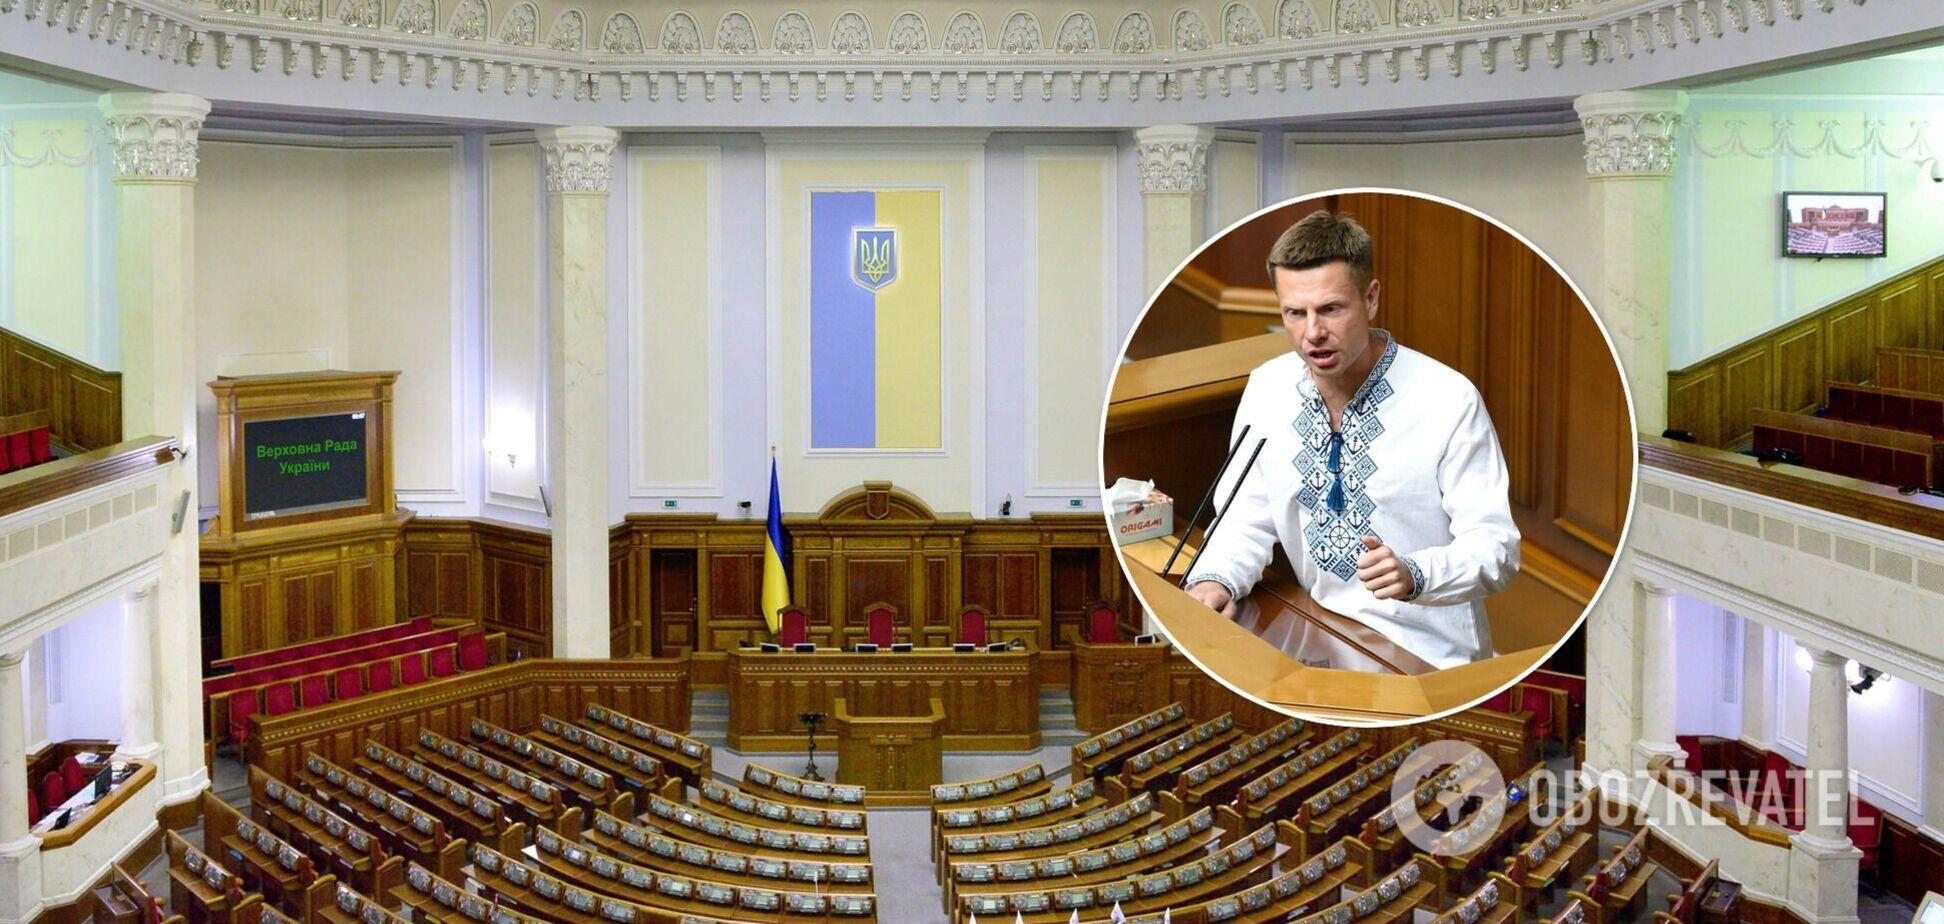 Гончаренко анонсував скликання Ради для звернення до США за статусом військового союзника